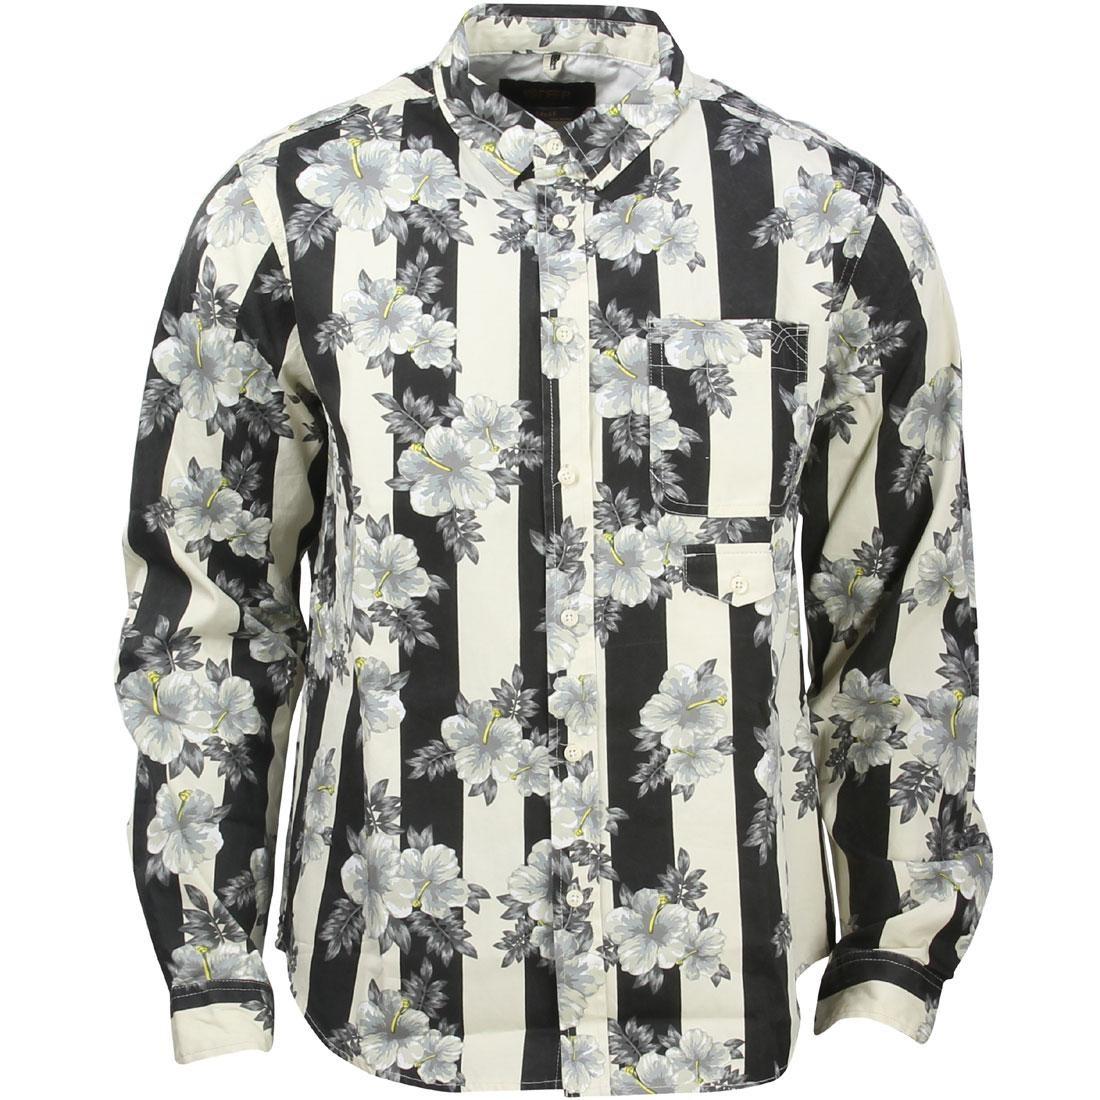 10 Deep 16 Bit Buttondown Long Sleeve Shirt (white / hibis strp)